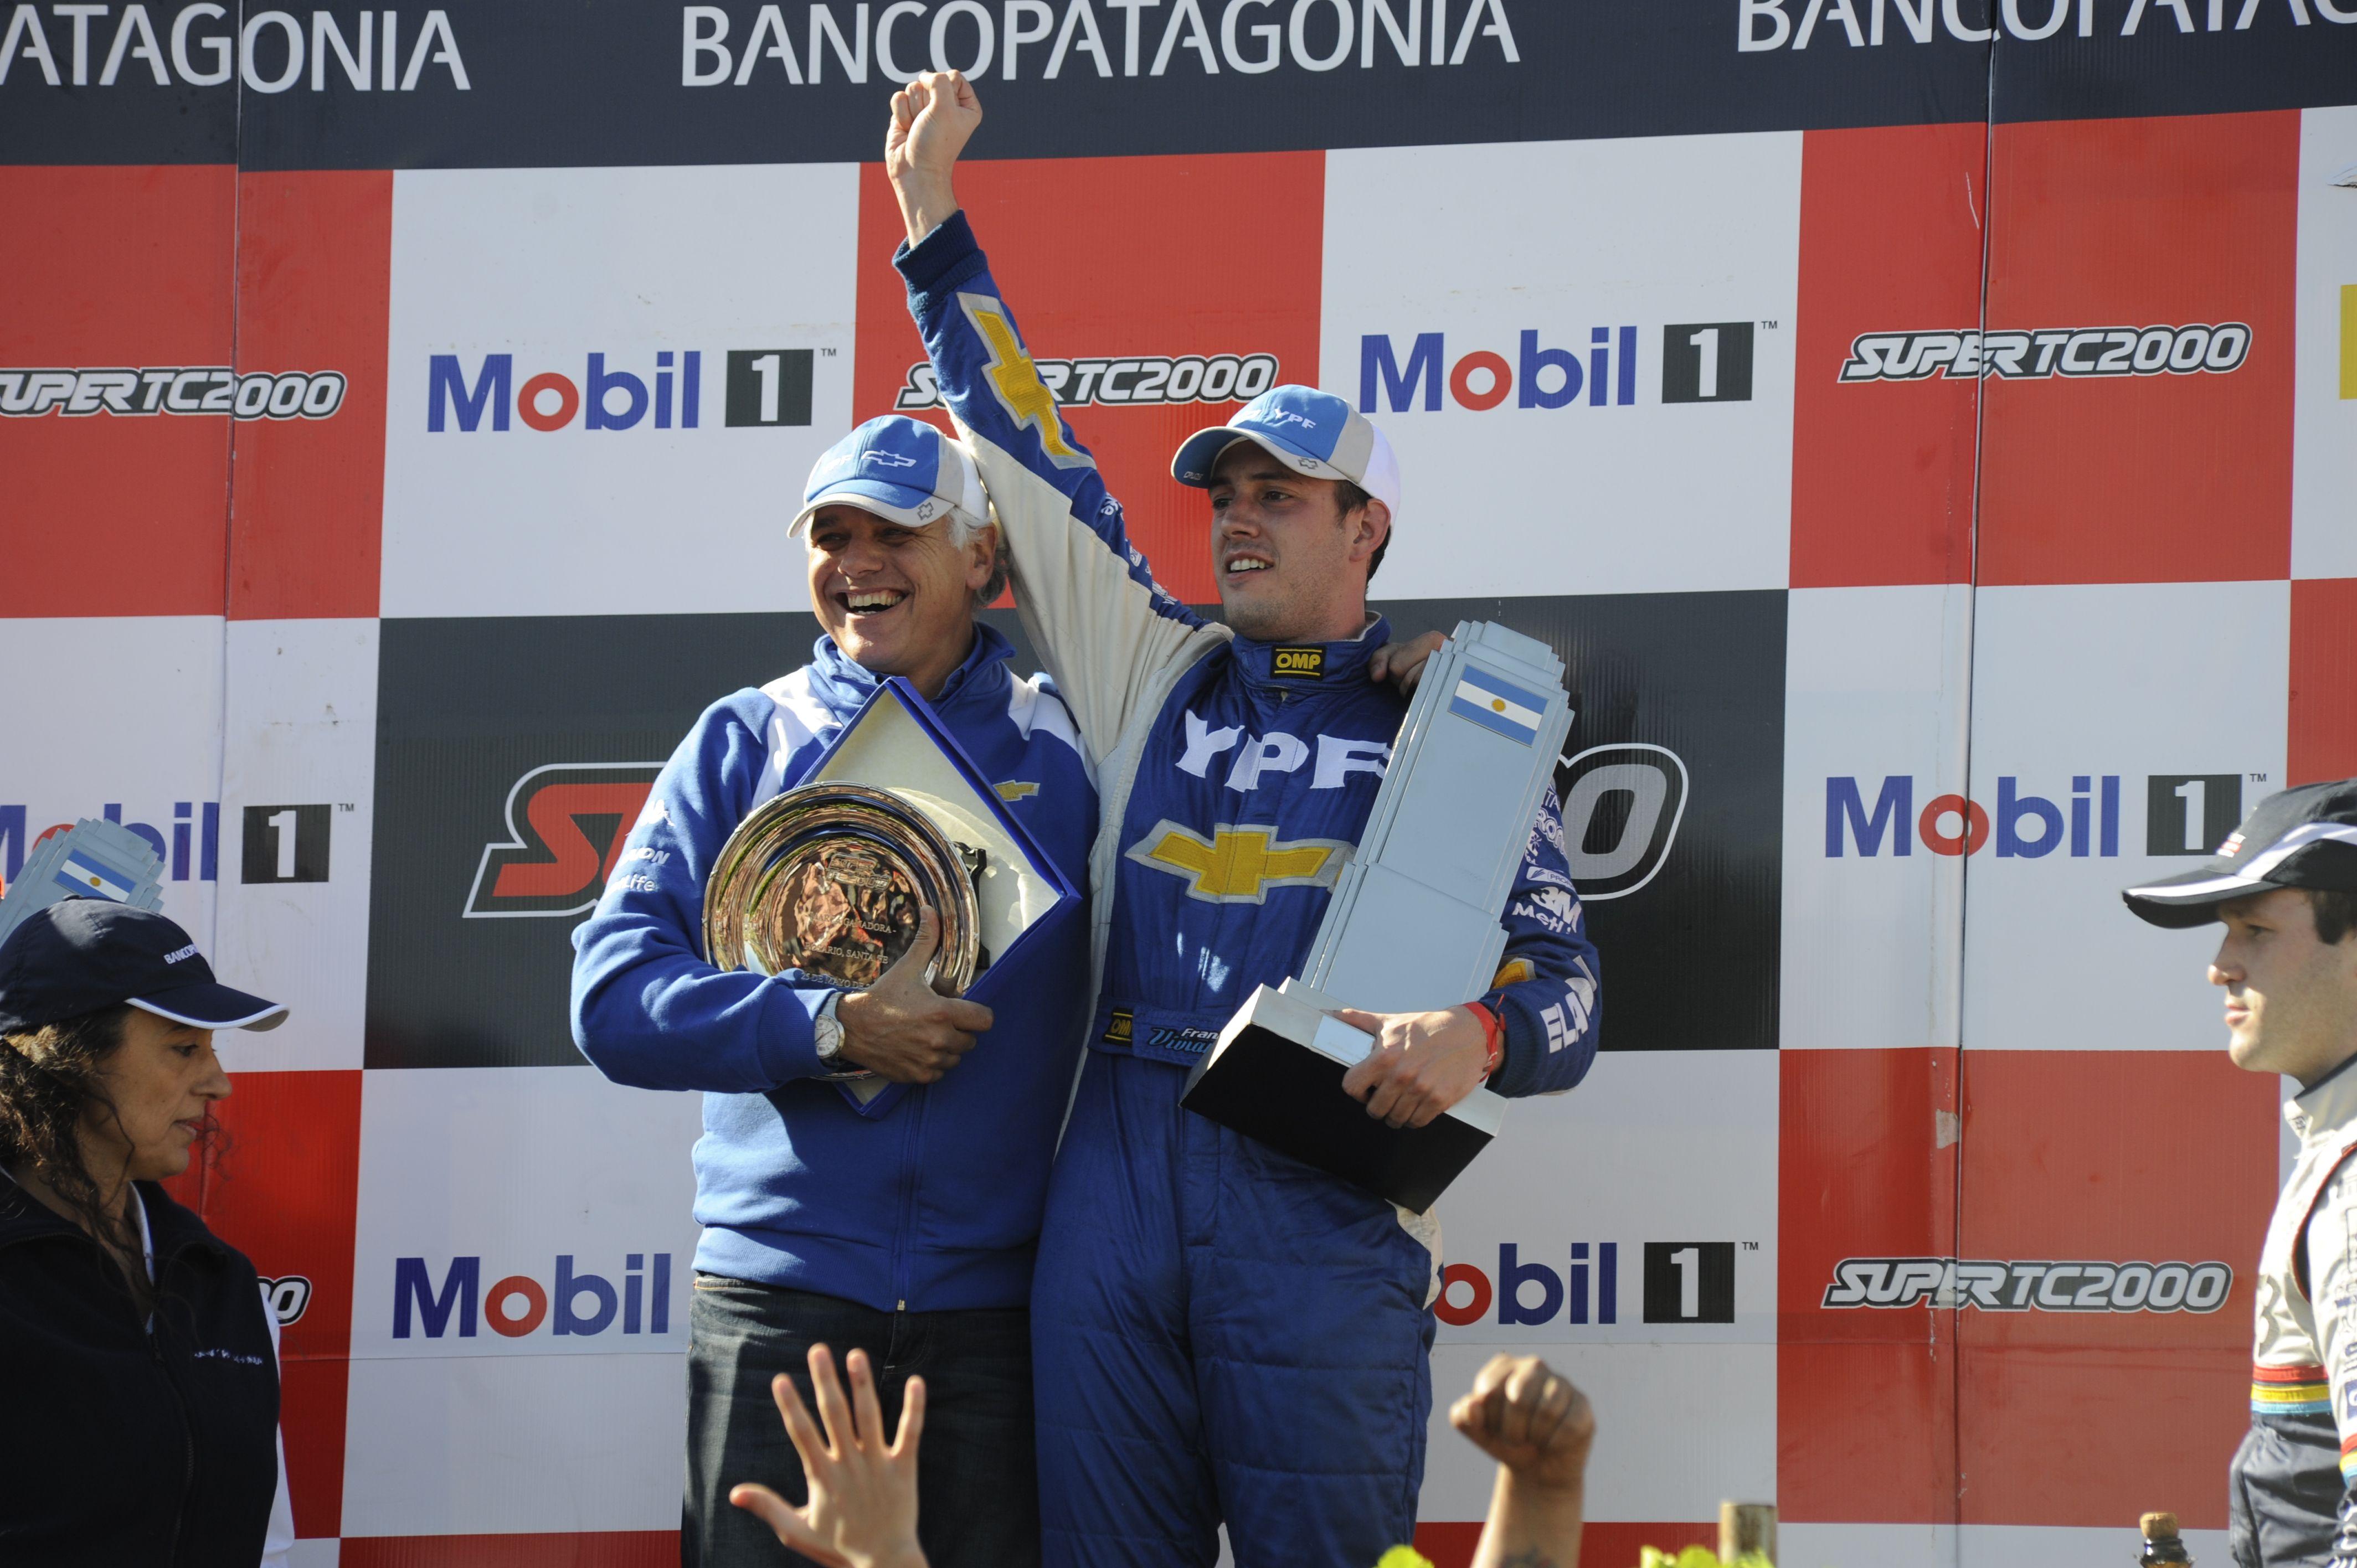 El porteño Franco Vivian logró un triunfo cómodo en la competencia del Súper TC2000 que se desarrolló en el autódromo Juan Manuel Fangio de Rosario.